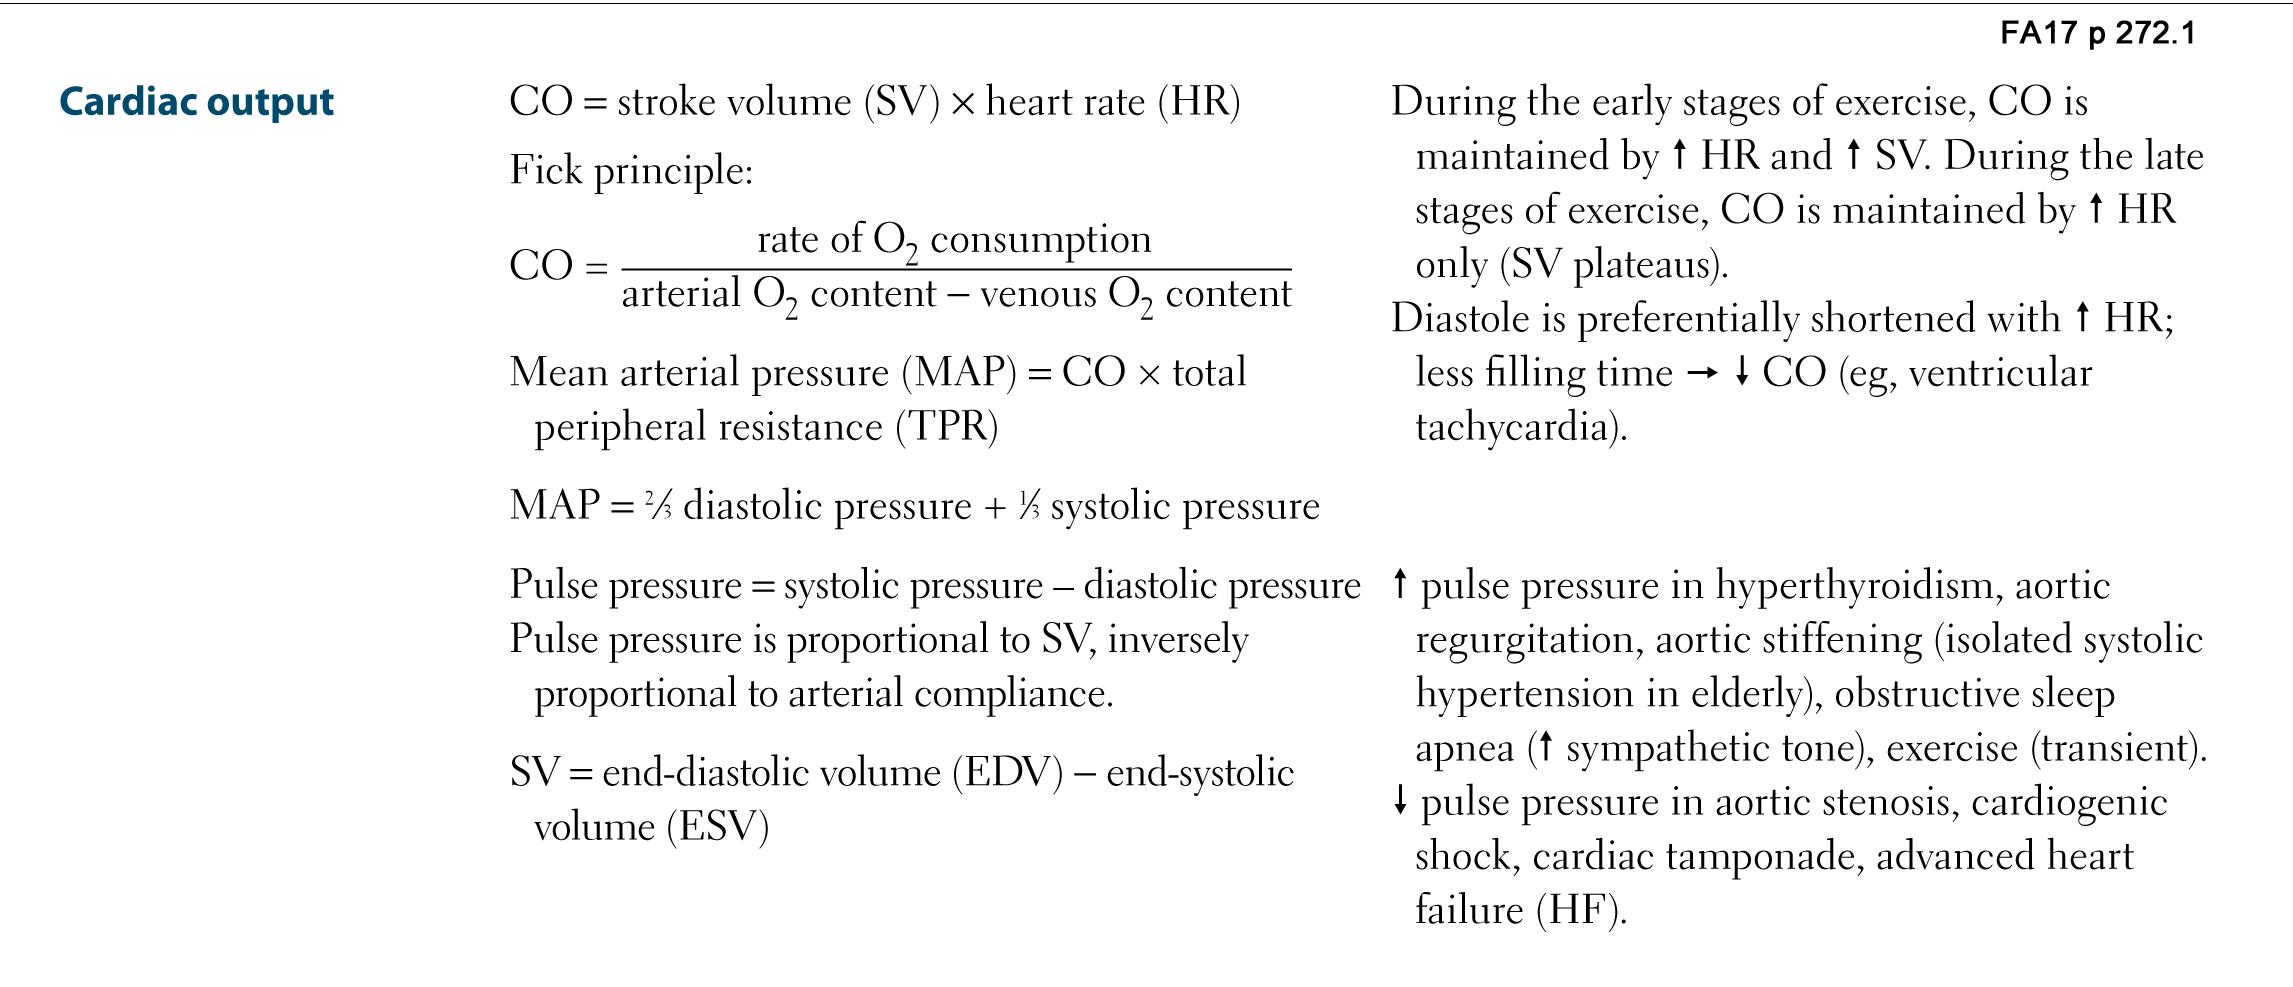 Cardiovascular Physiology Cardiac Output Usmle Rx 2017 Cardiovascular Physiology Cardiac Output Flashcards